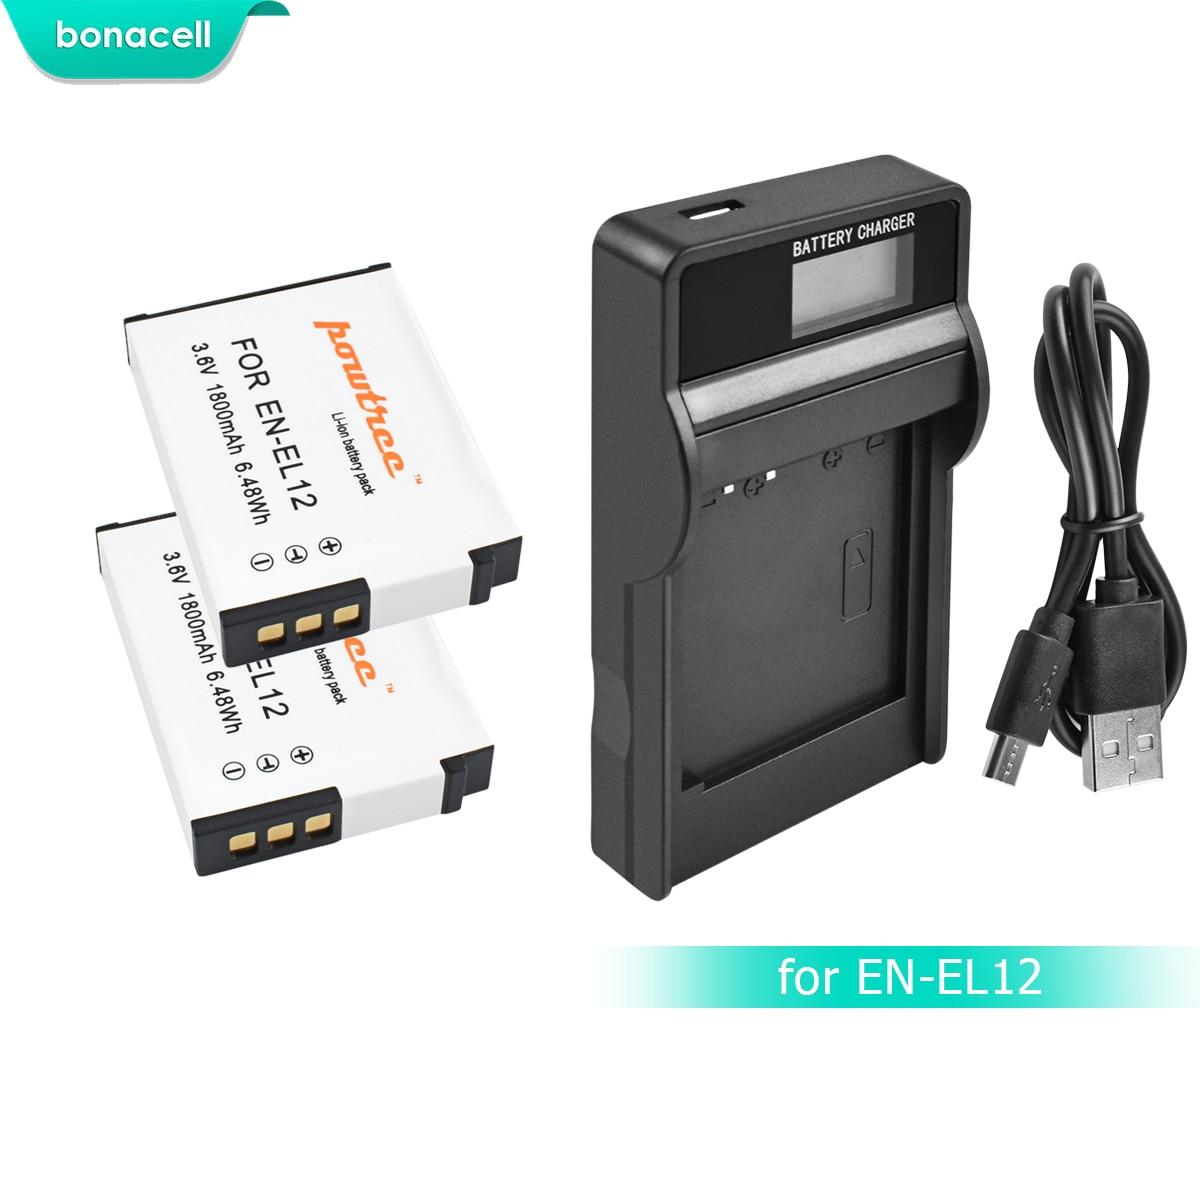 Bonacell 1800mAh EN-EL12 EN EL12 Battery+LCD Chargerfor Nikon CoolPix S610 S610c S620 S630 S710 P300 P310 P330 S6200 S9400 L15